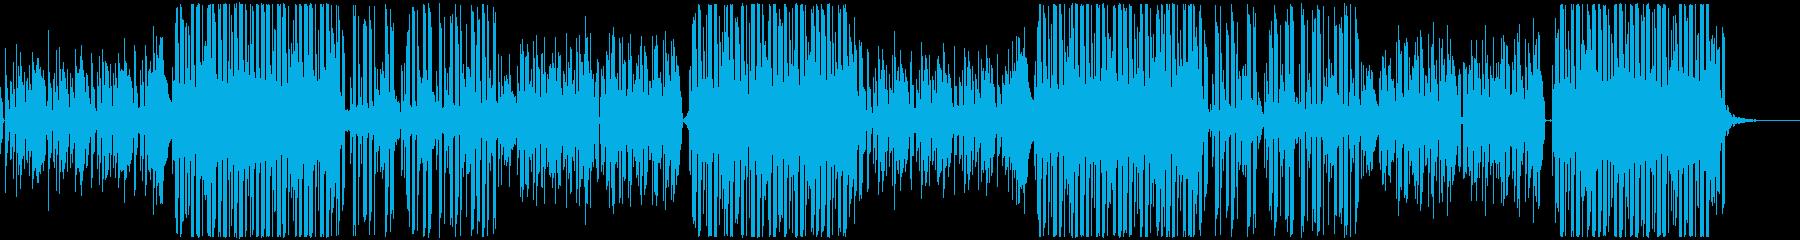 クール・スタイリッシュ・EDM・9の再生済みの波形